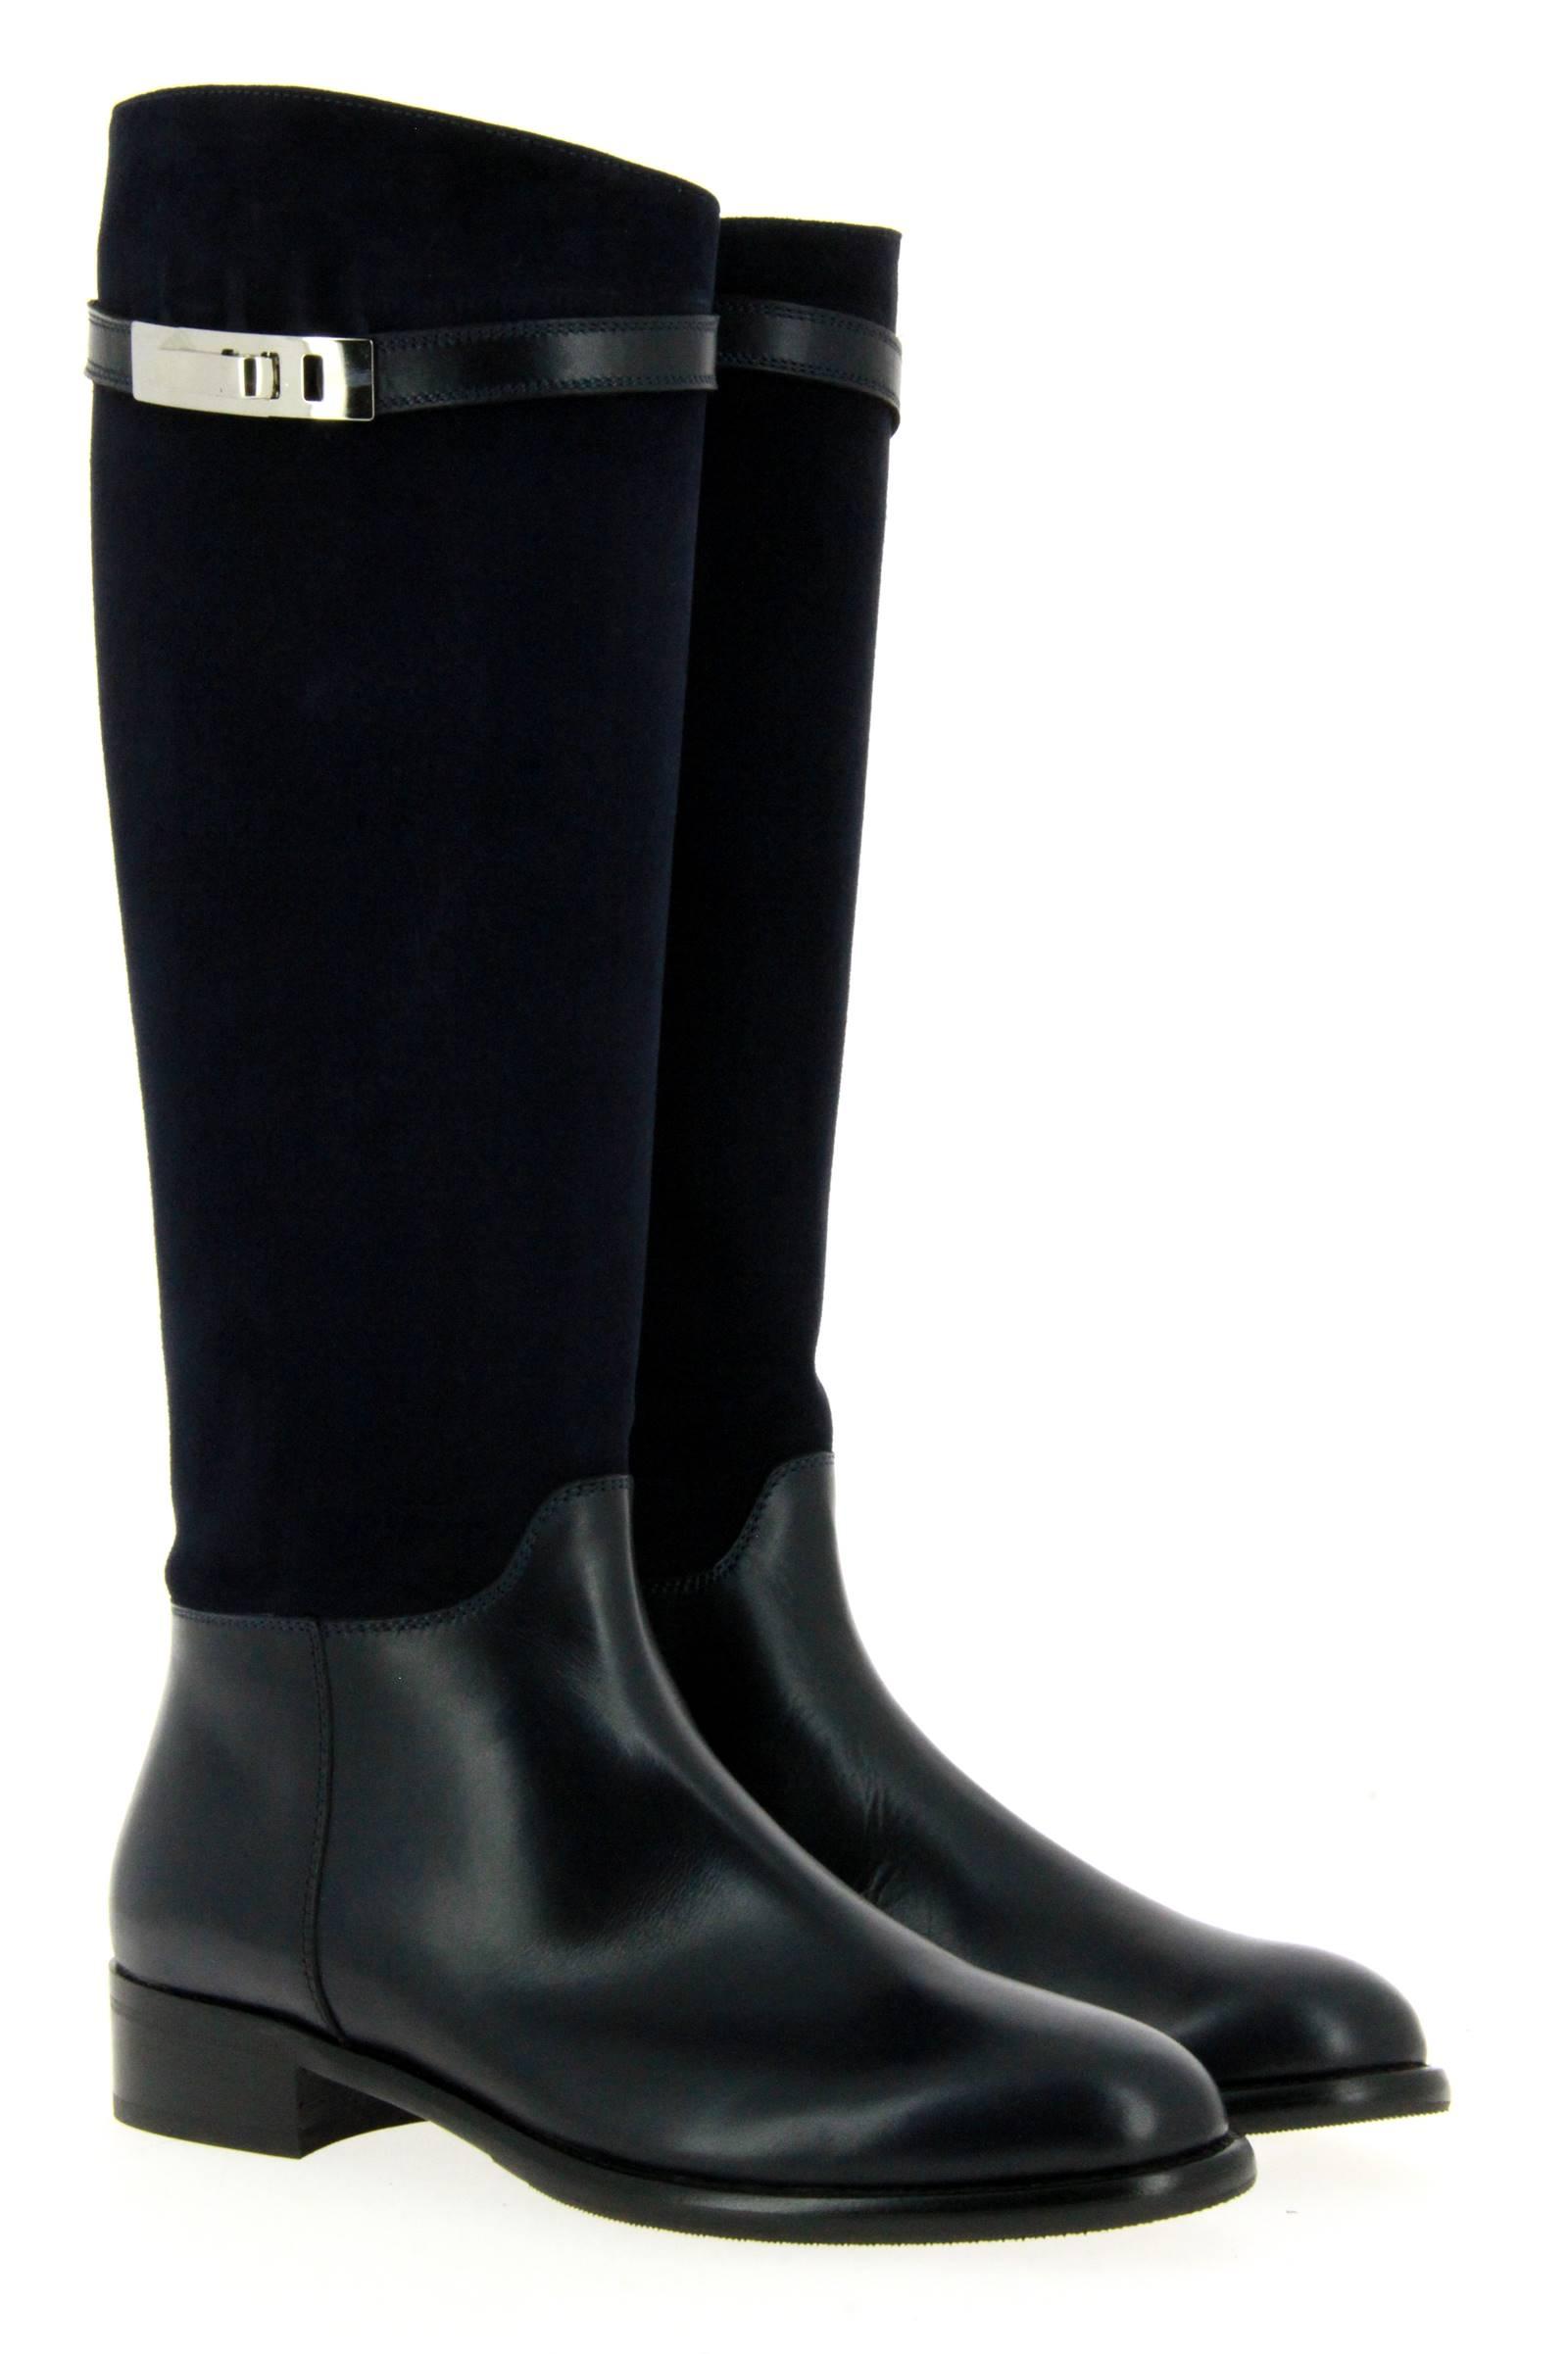 Maretto boots NERO CAMOSCIO